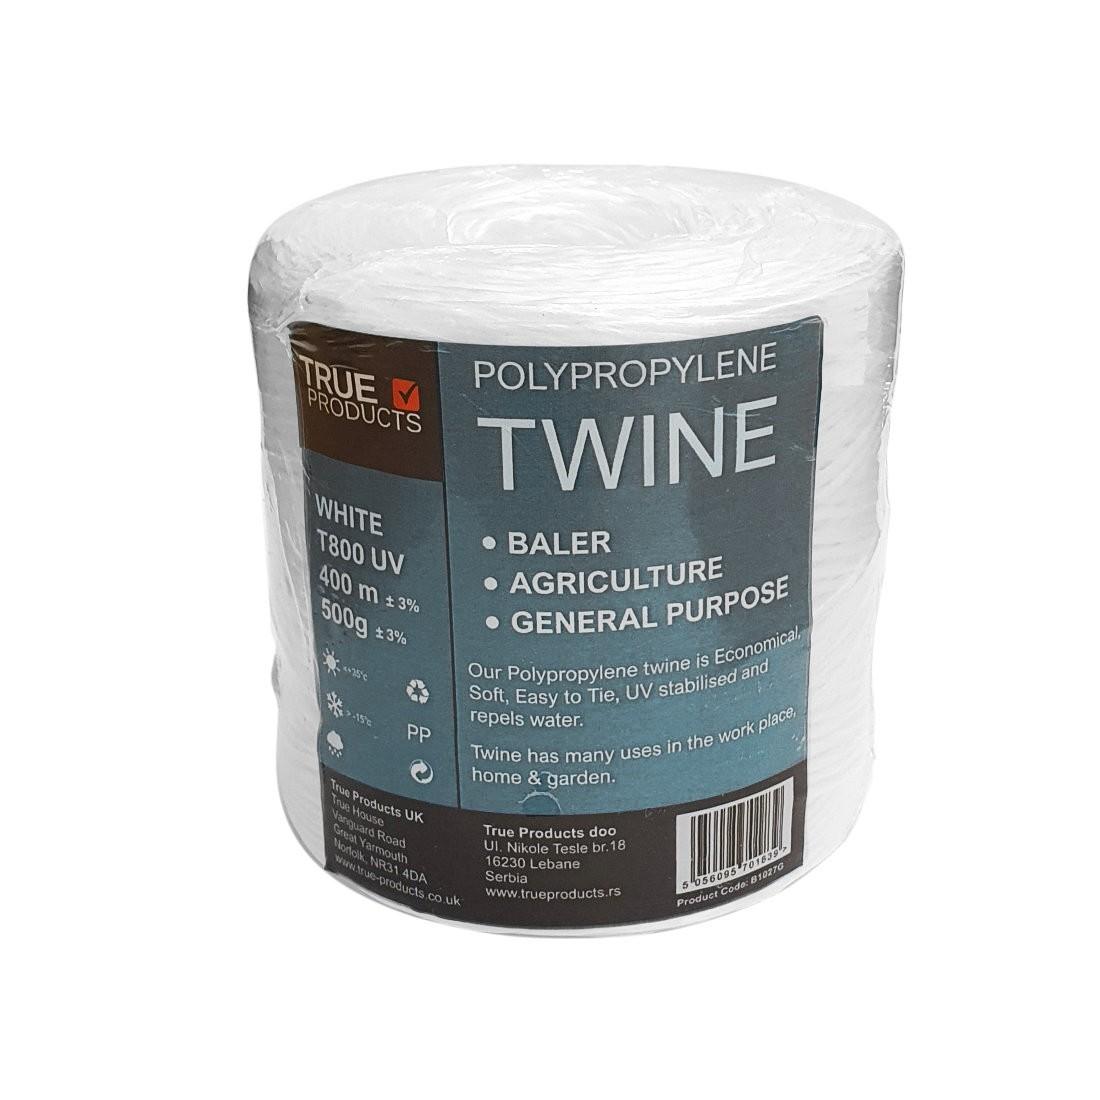 White Polypropylene Baling Twine T-800